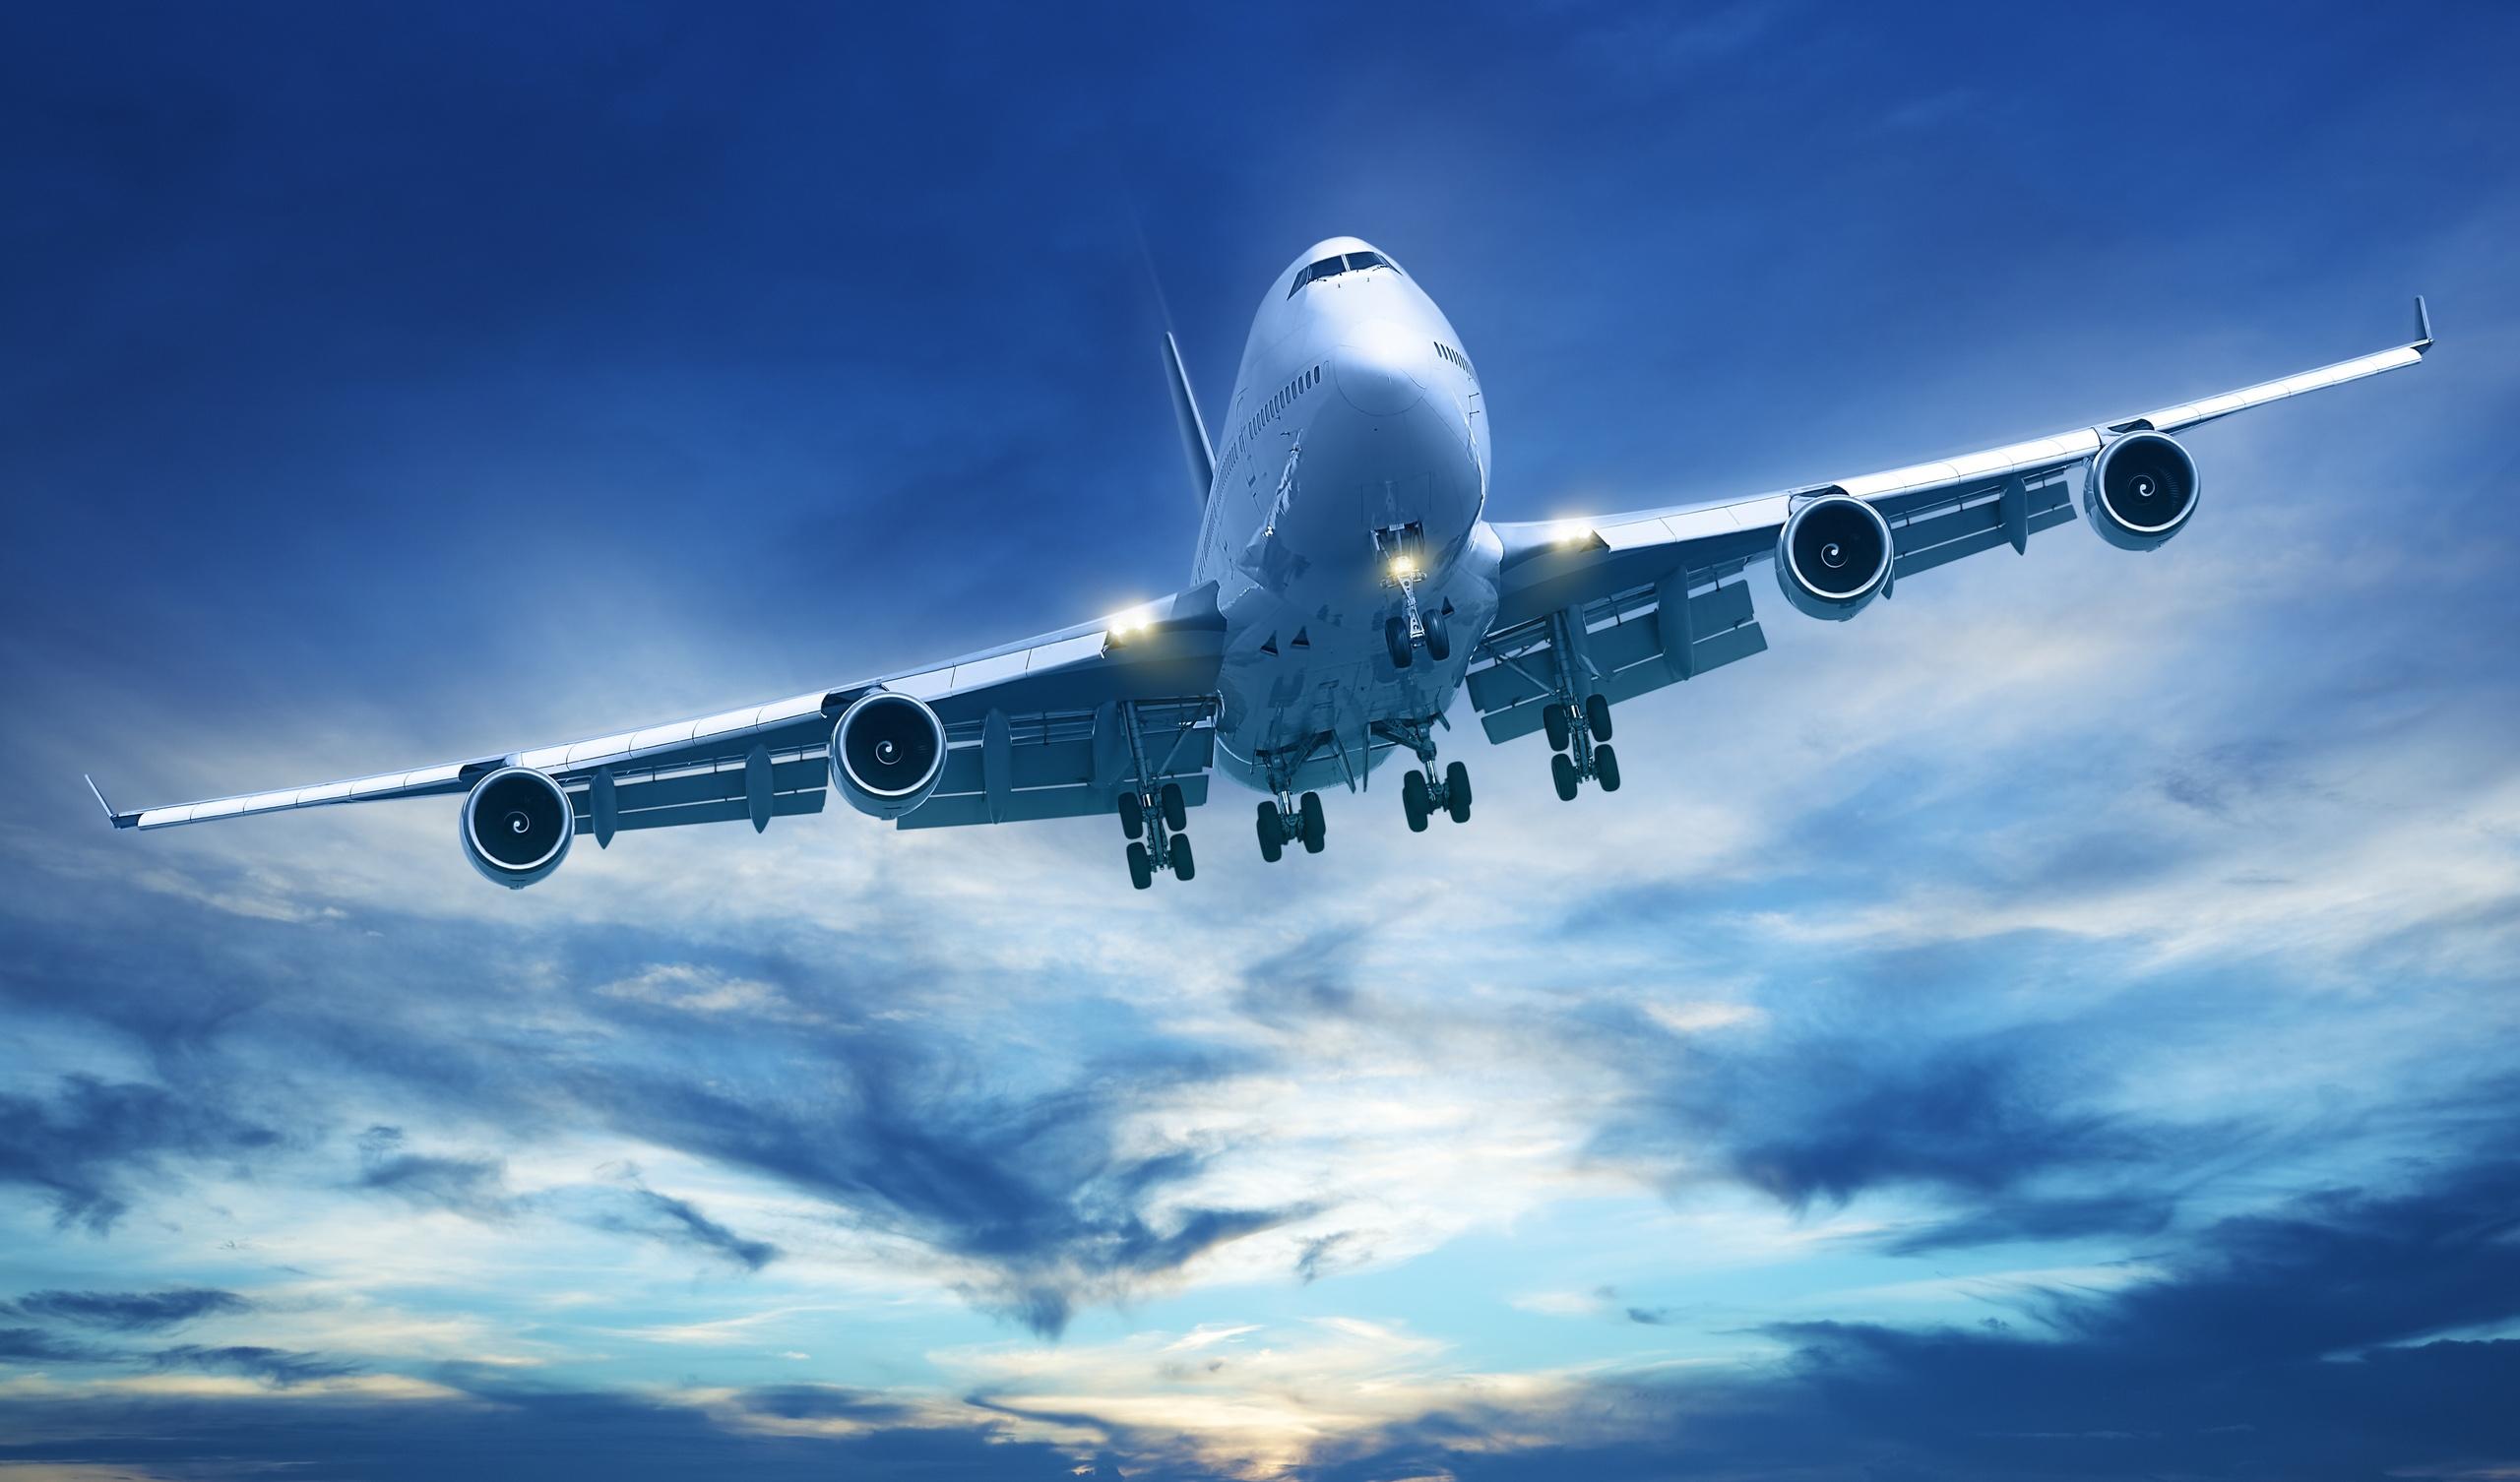 تولید مشترک هواپیمای مسافربری چین و روسیه رسما آغاز شد